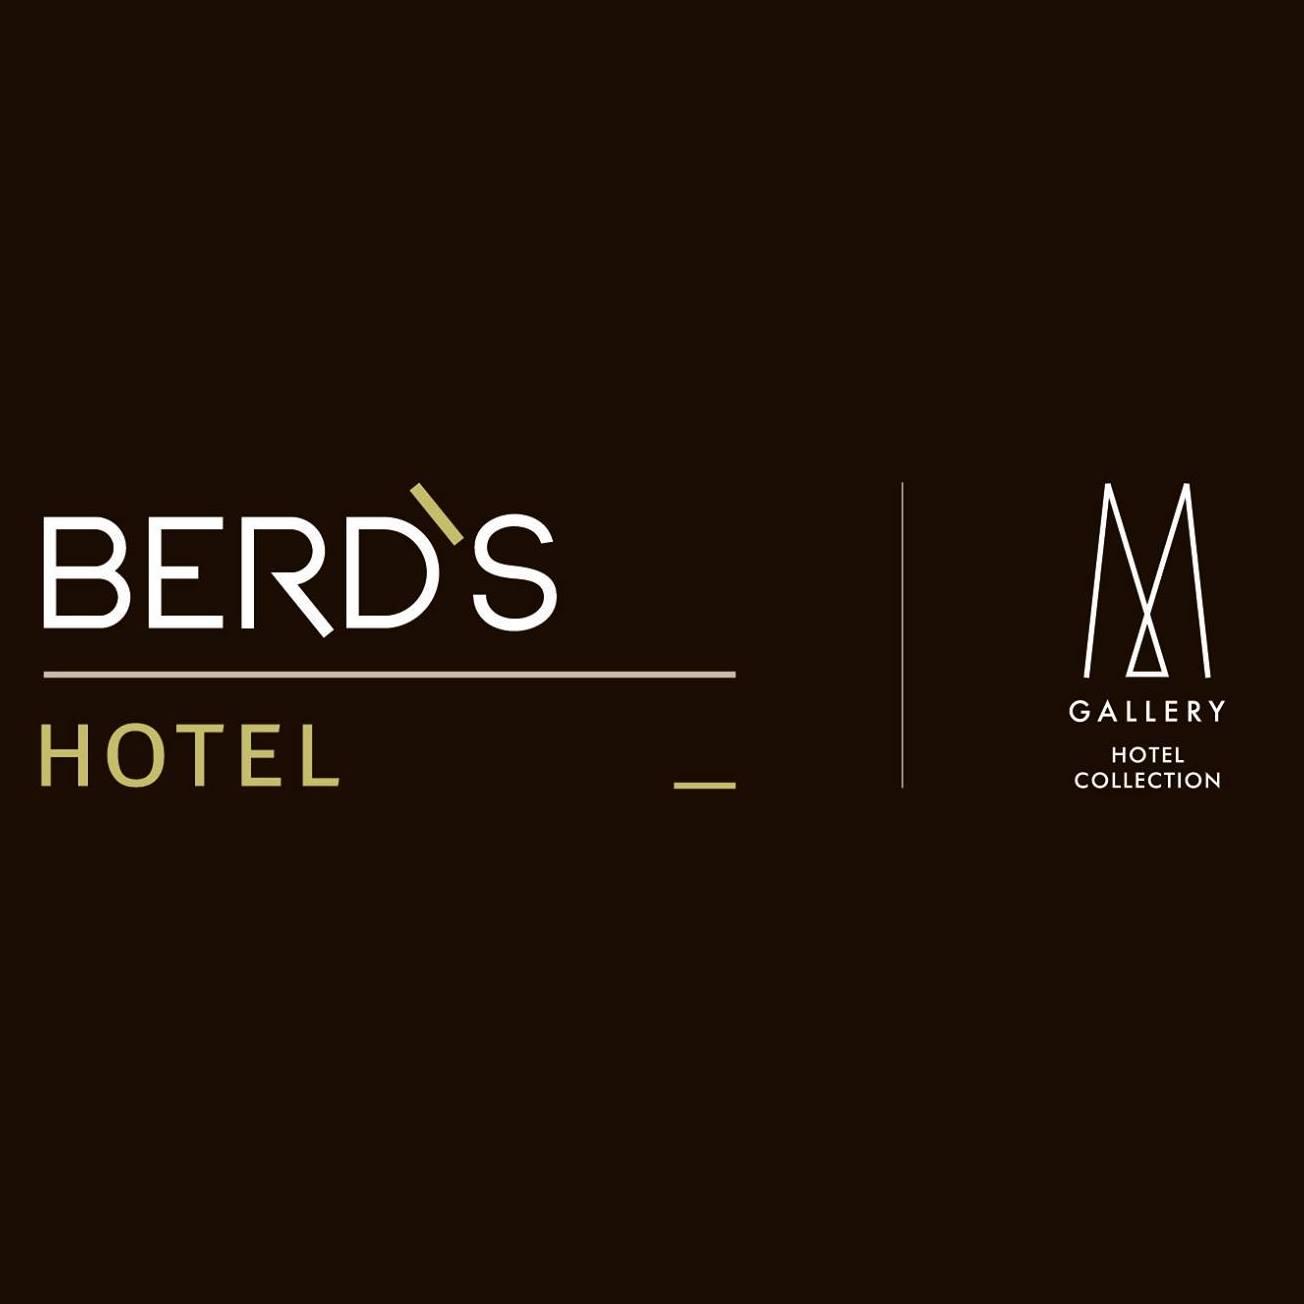 BERD'S hotel